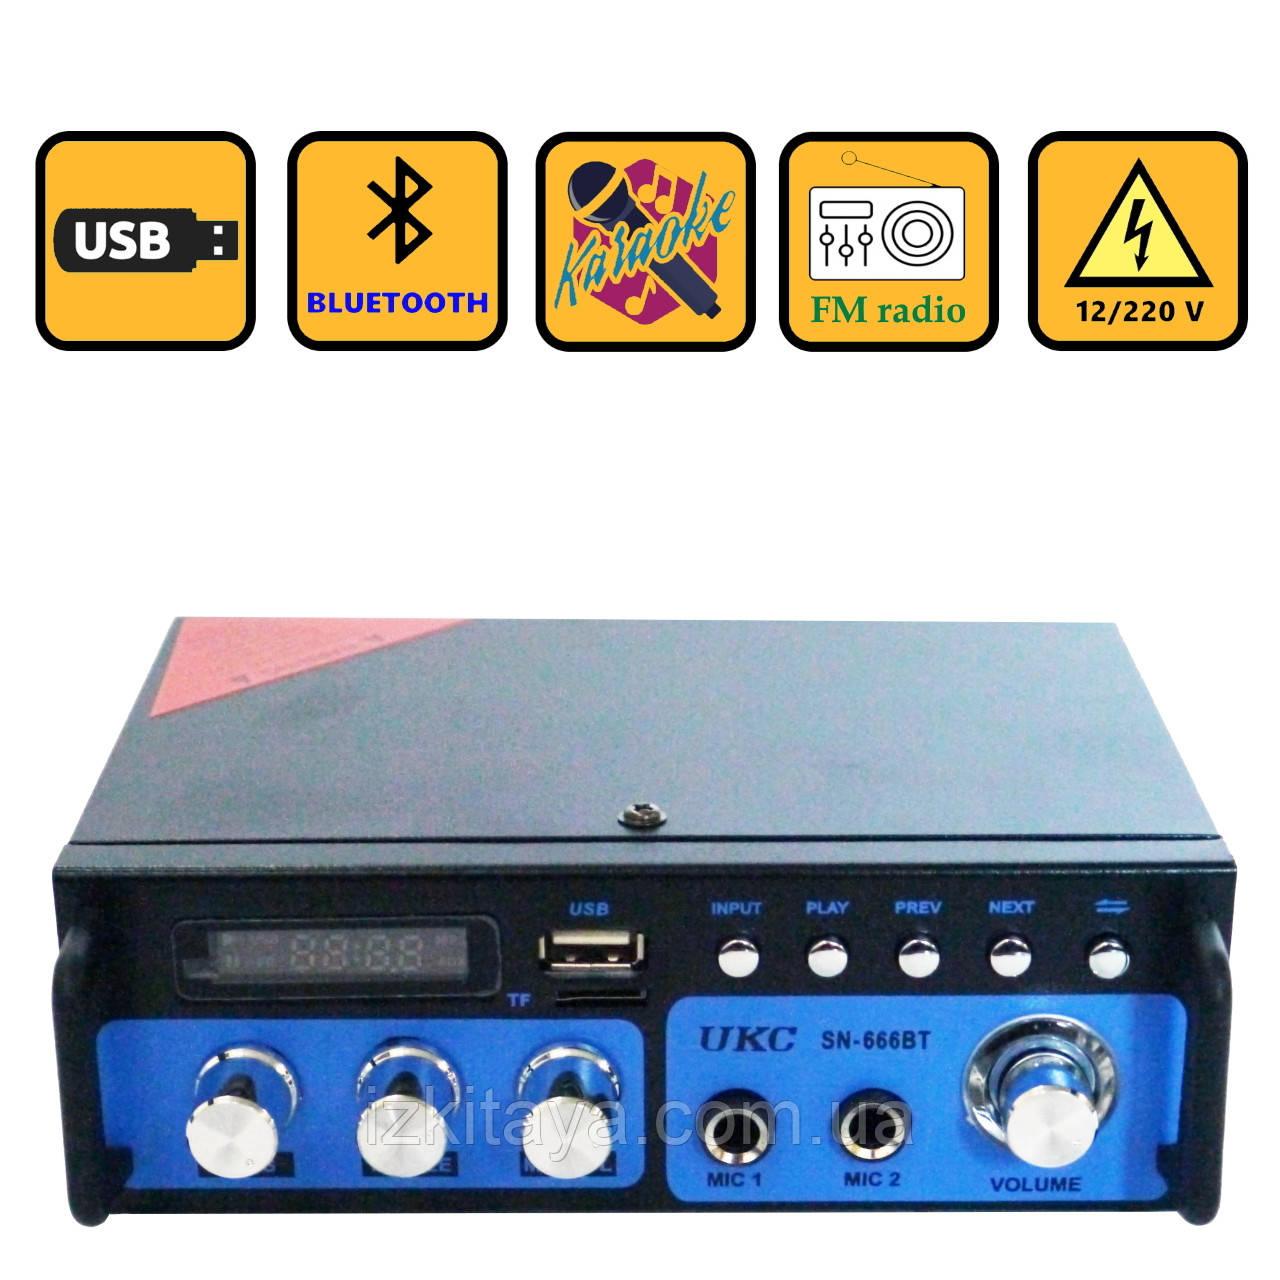 Підсилювач звуку UKC SN-666BT USB FM радіо MP3 Bluetooth підсилювач звуку з юсб